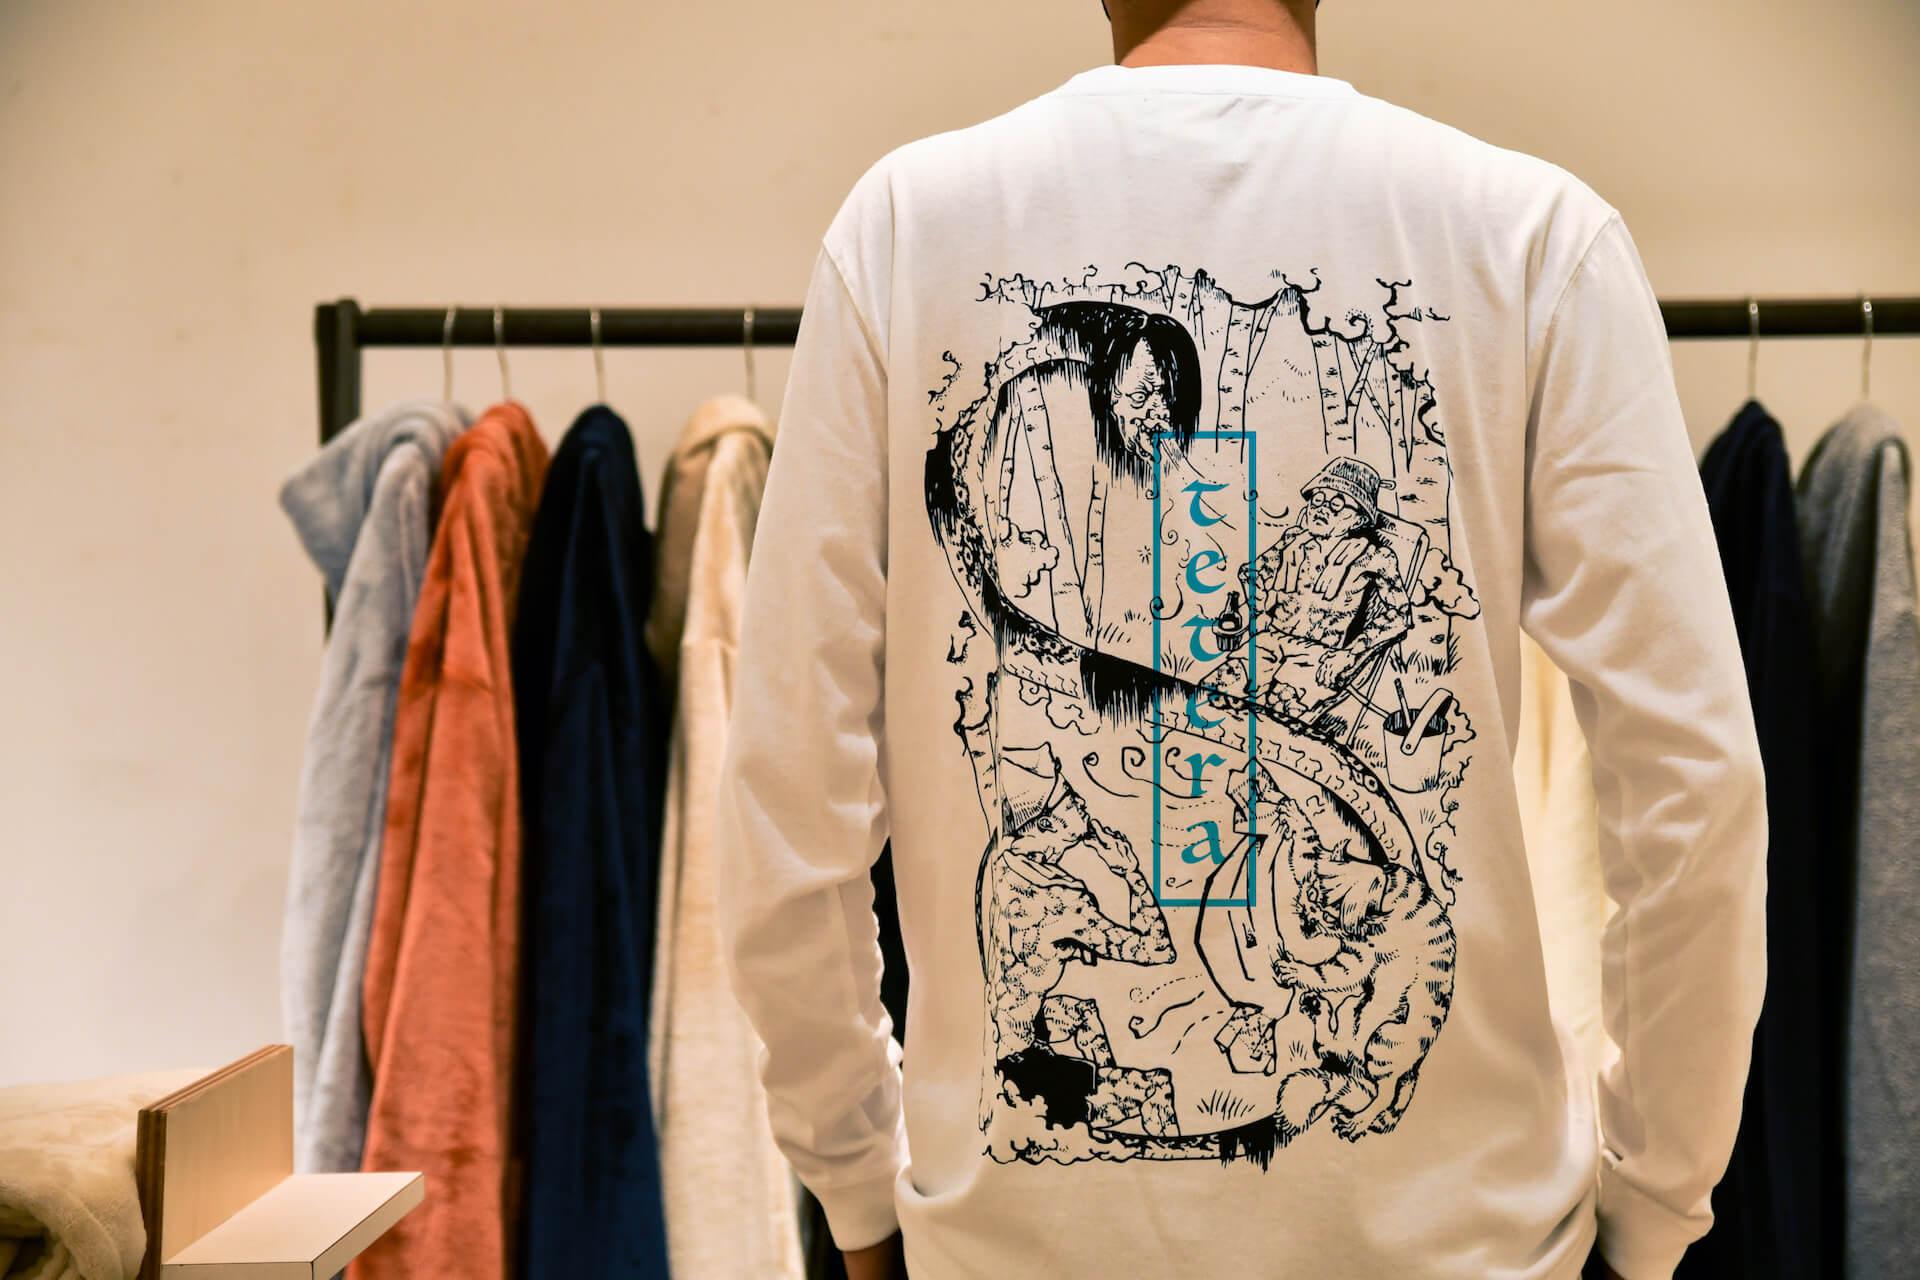 サウナーにフォーカスしたイベント<SAUNA MARCHE-サウナマルシェ->が開催決定!限定Tシャツも販売 life210924_sauna_01